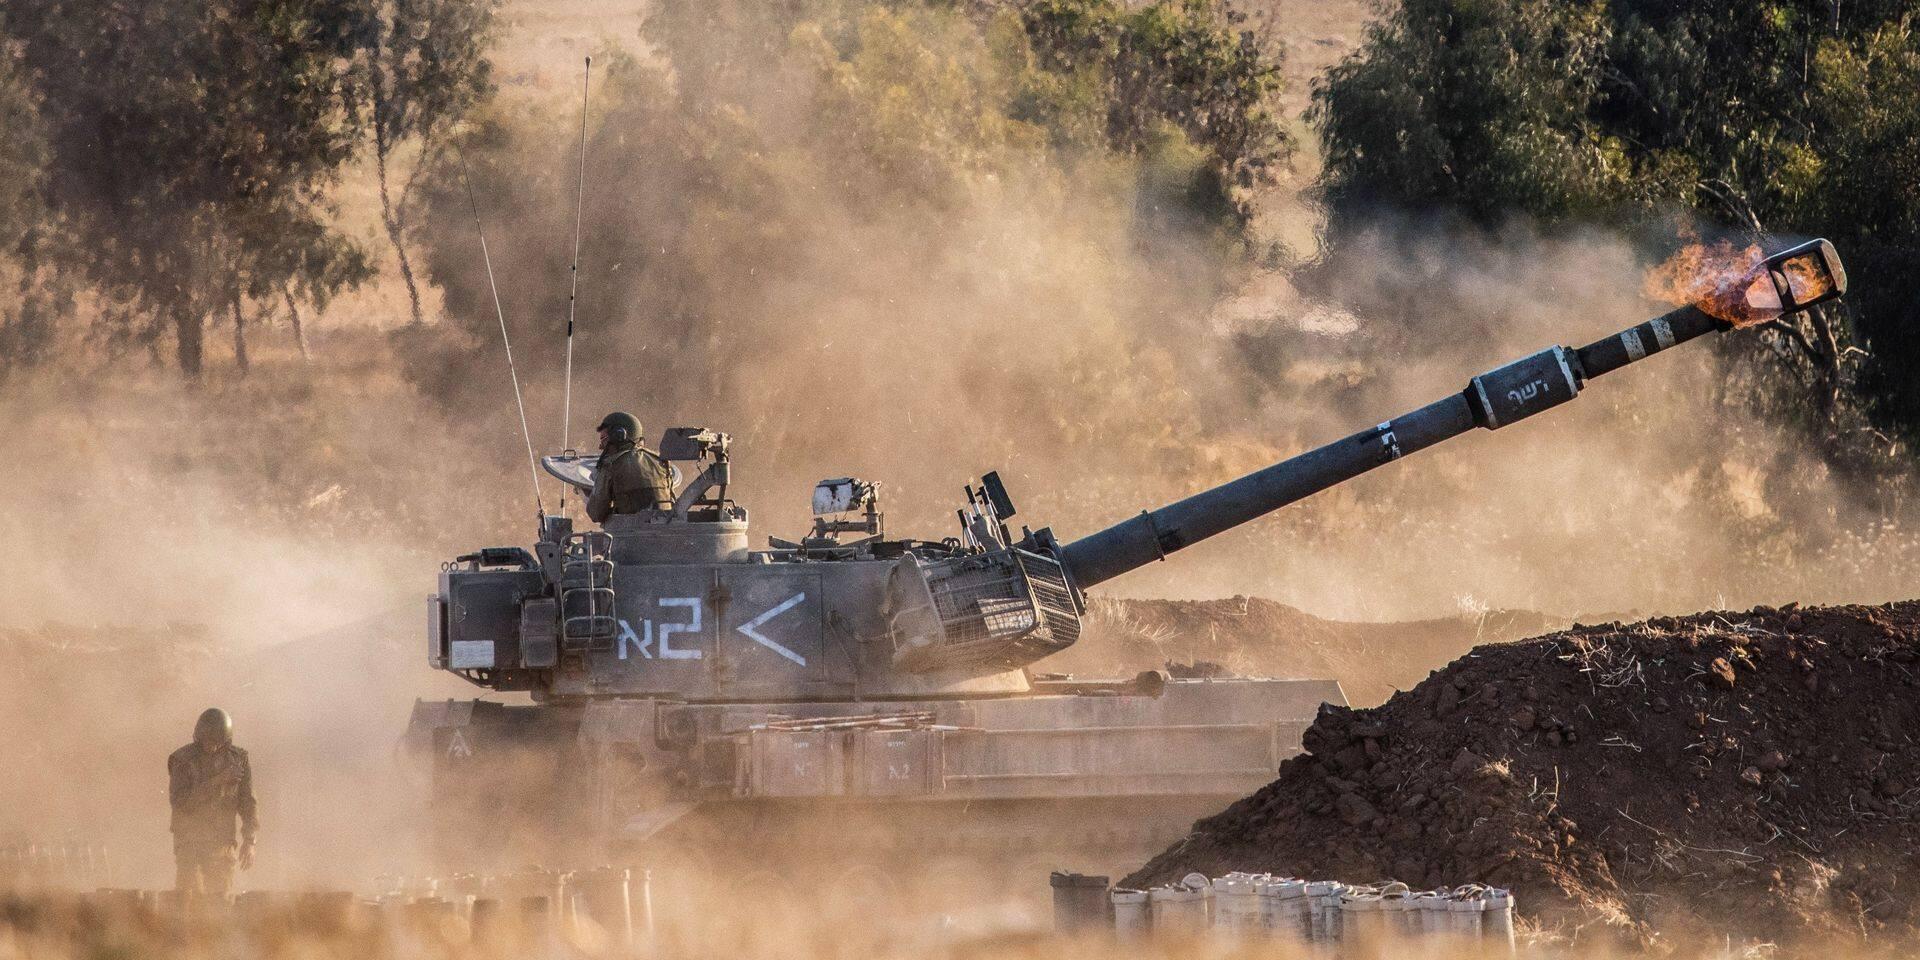 """L'armée israélienne fait marche arrière et dit finalement ne pas être entrée dans Gaza: """"Un problème de communication"""""""